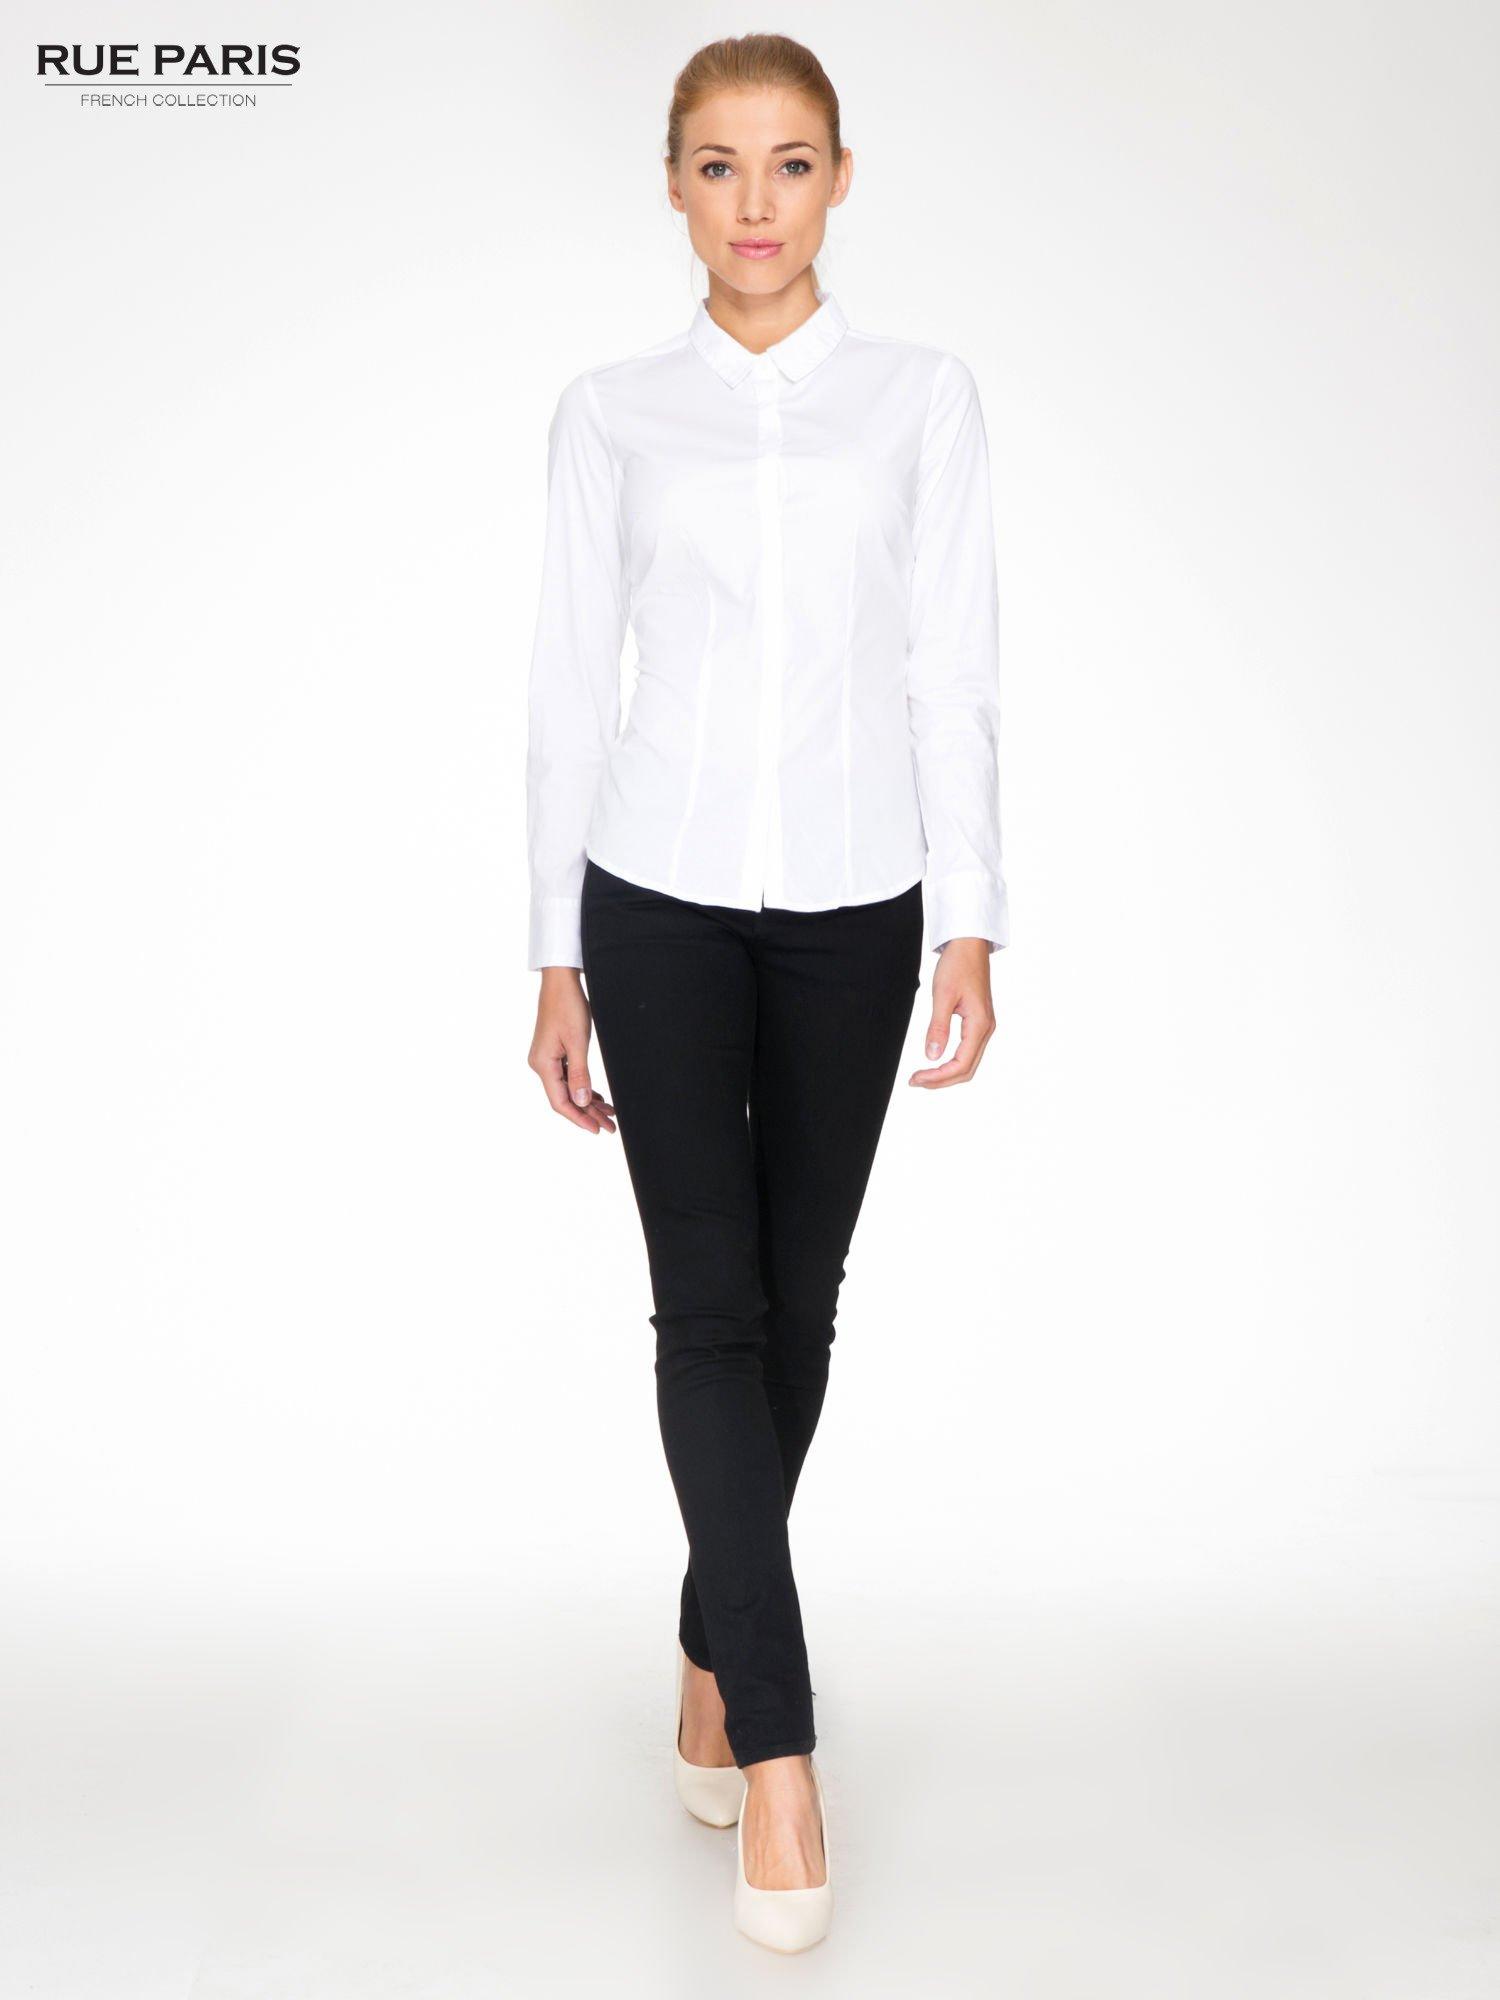 Fantastyczny Biała elegancka koszula damska z krytą listwą - Koszula klasyczna EZ27